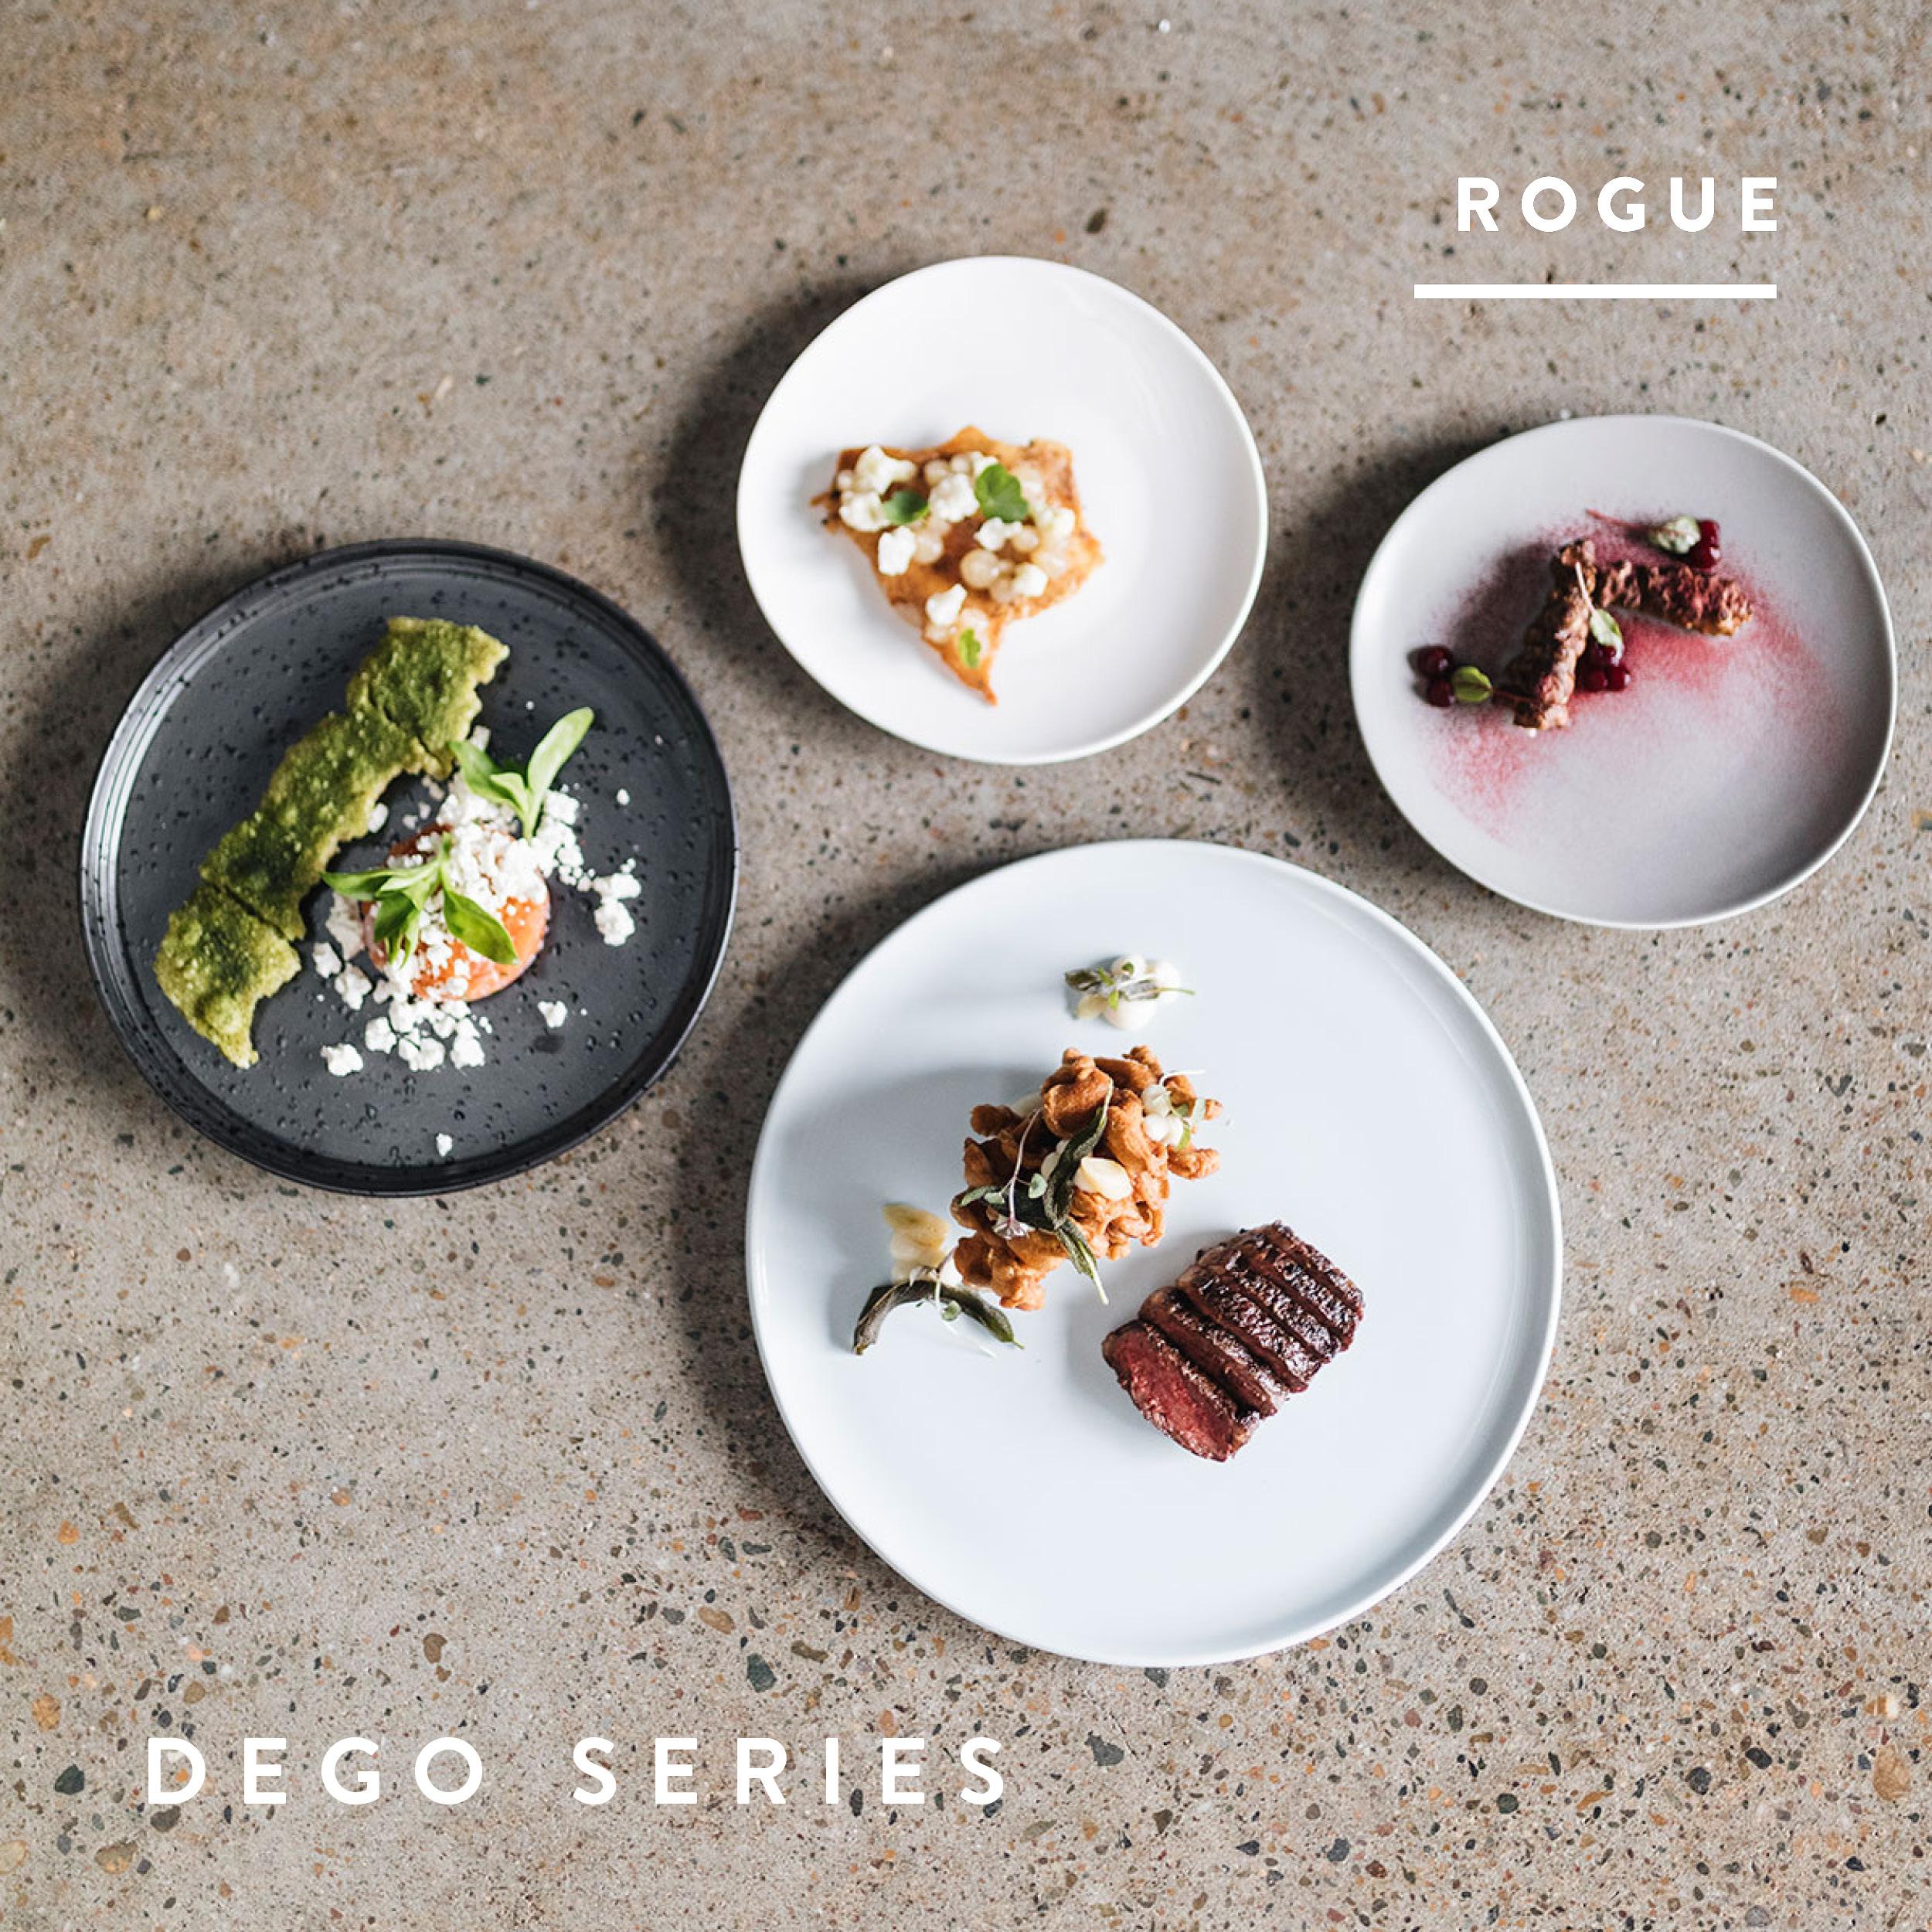 Dego-Series-Social-Tile-1.jpg